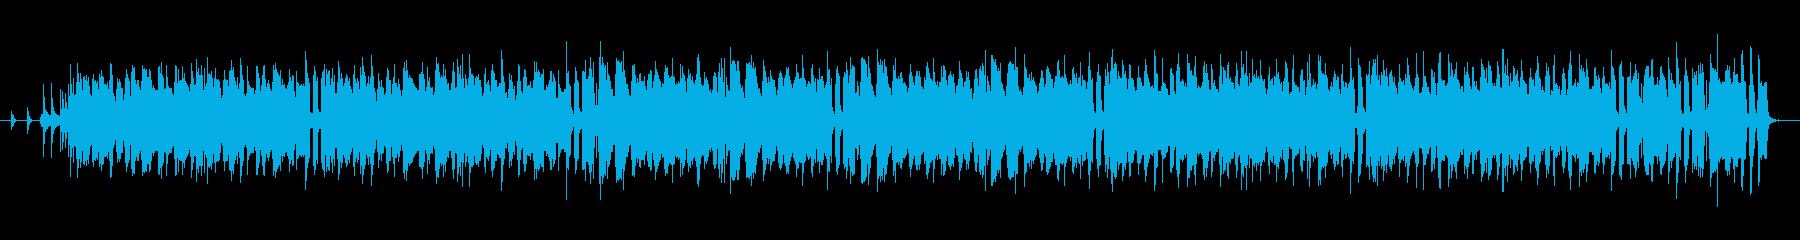 酒場イメージの軽快なケルト音楽の再生済みの波形